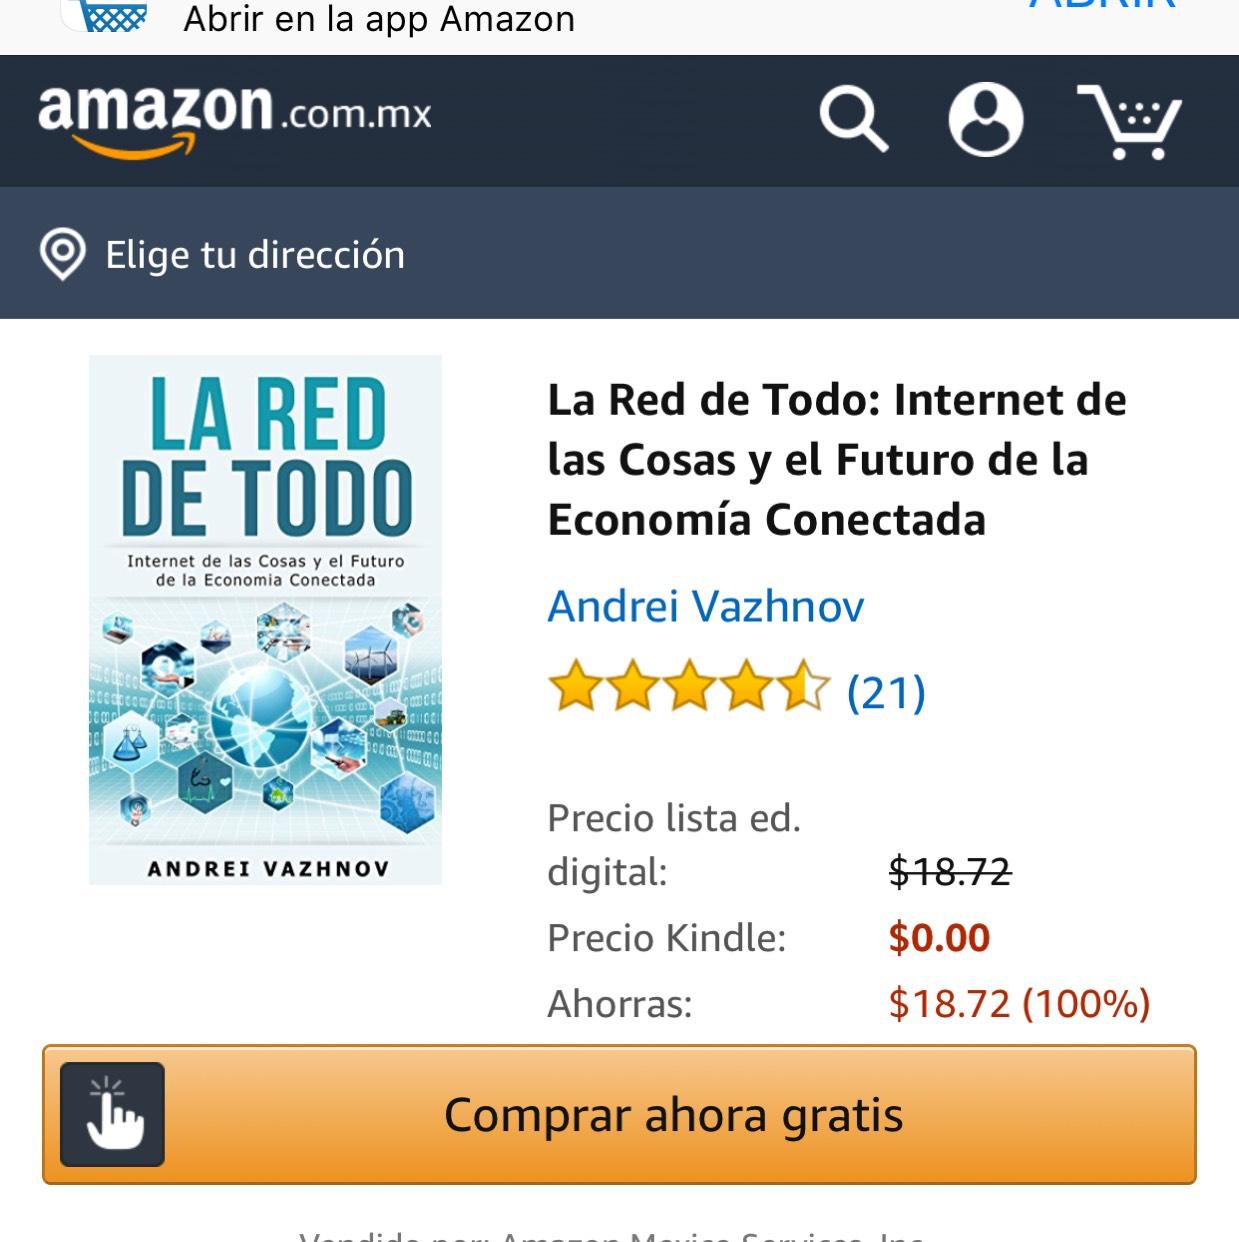 Amazon: La Red de Todo: Internet de las Cosas y el Futuro de la Economía Conectada. GRATIS